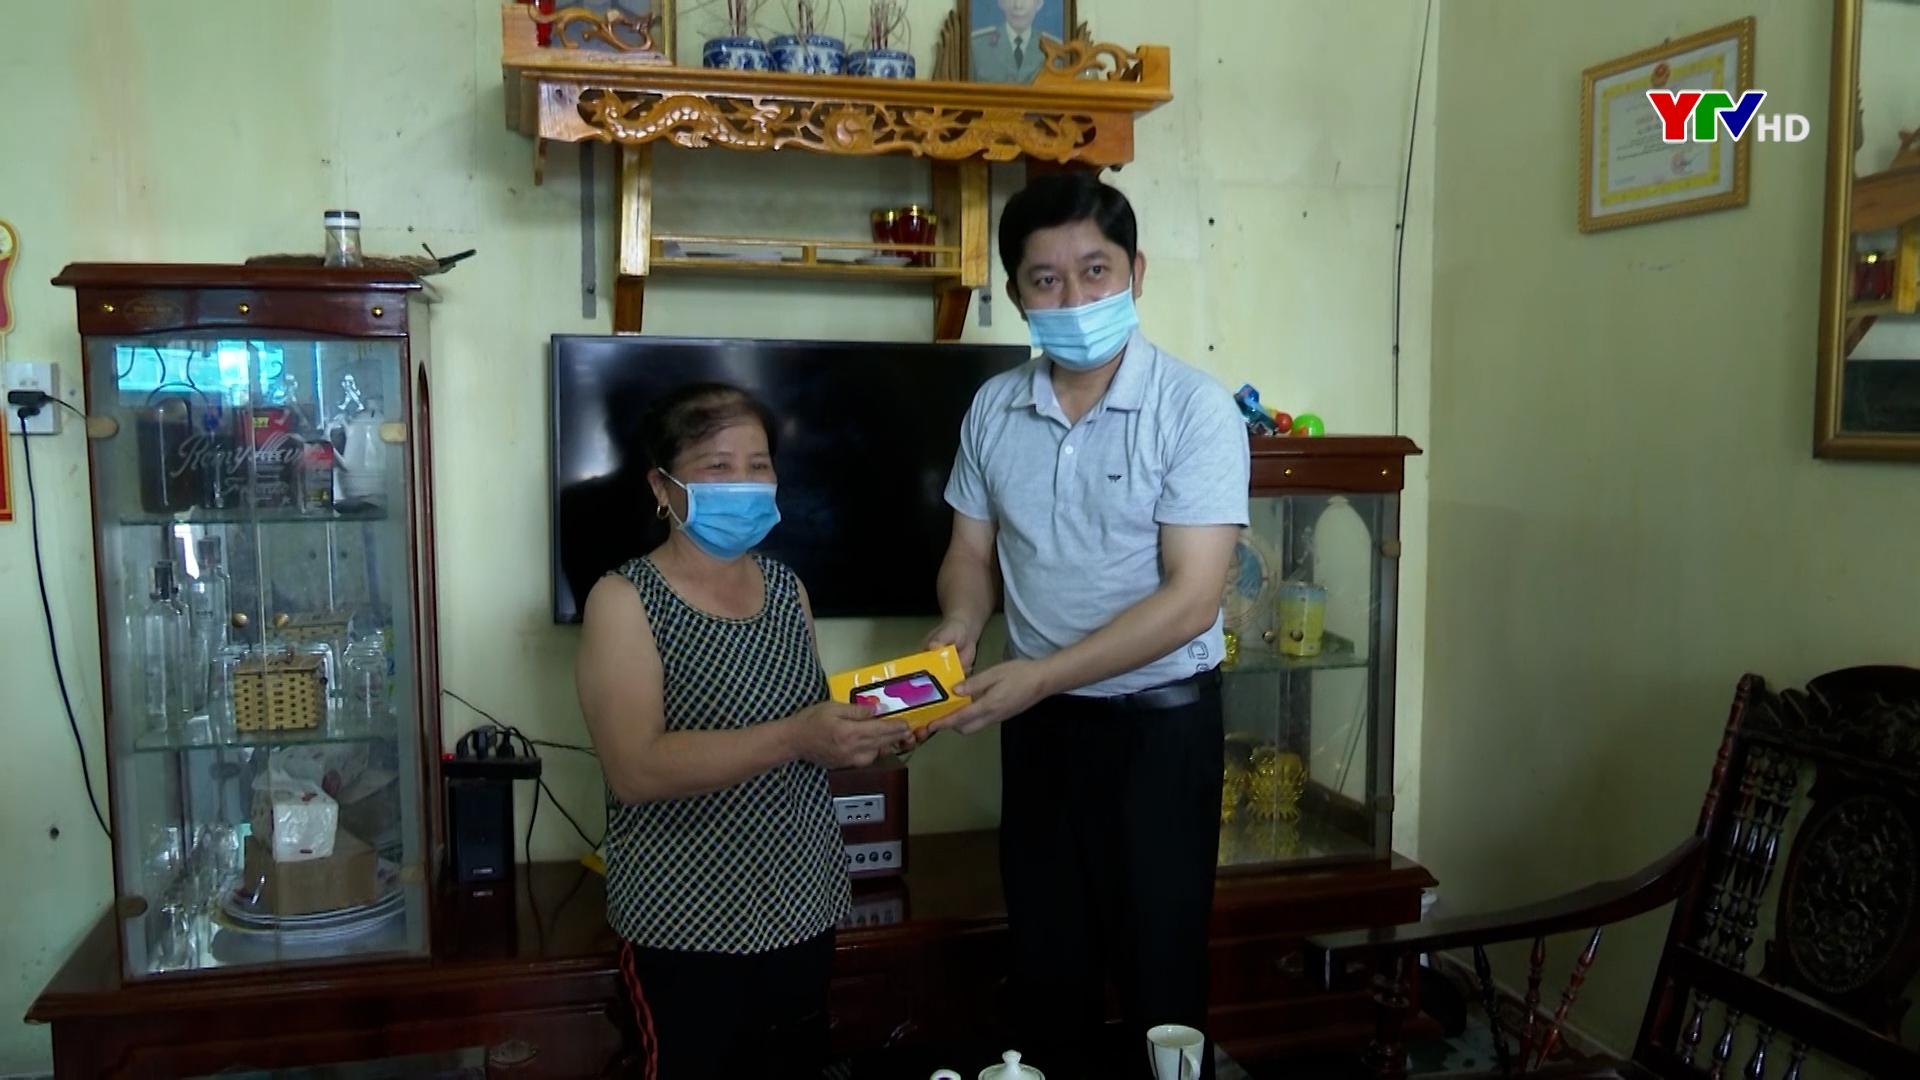 Thành phố Yên Bái trao tặng điện thoại thông minh cho Bí thư chi bộ, tổ trưởng thôn, tổ dân phố